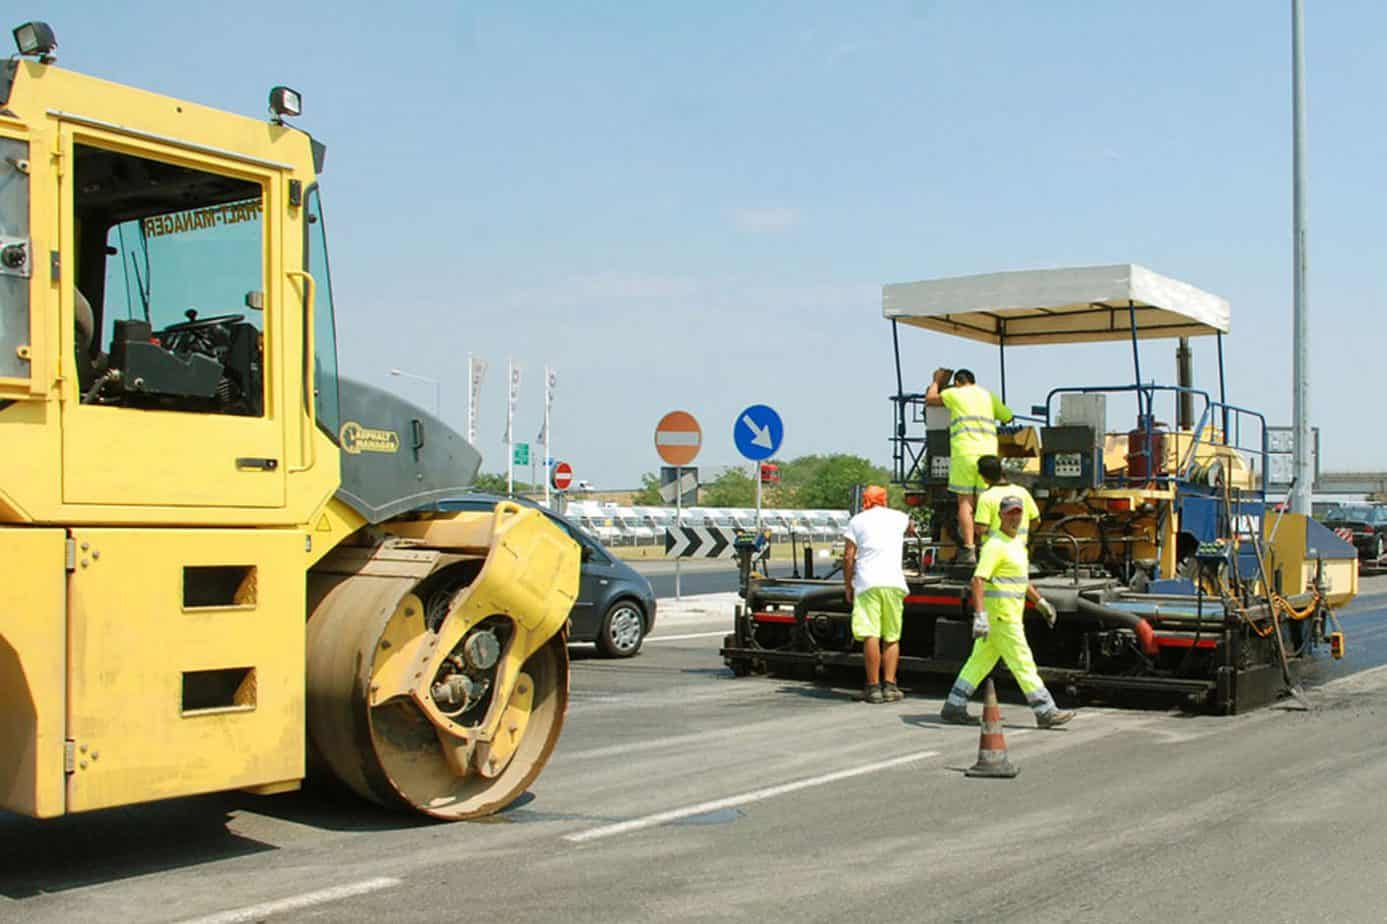 Lavori sull'Autostrada Piacenza-Cremona-Brescia